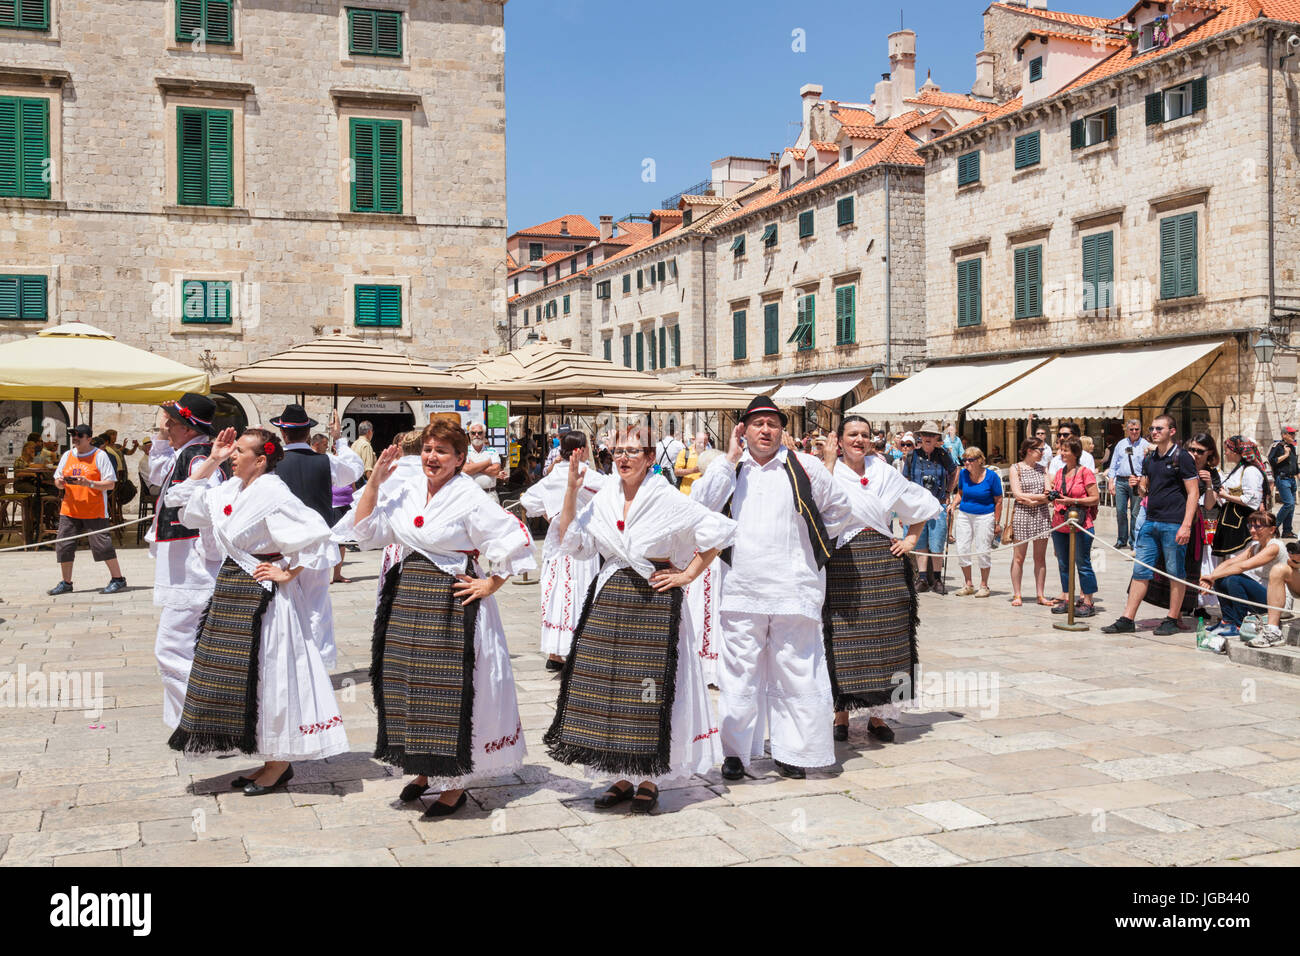 Croazia Dubrovnik Croazia costa dalmata turisti gente locale ballo folk in costume nazionale piazza della città Immagini Stock